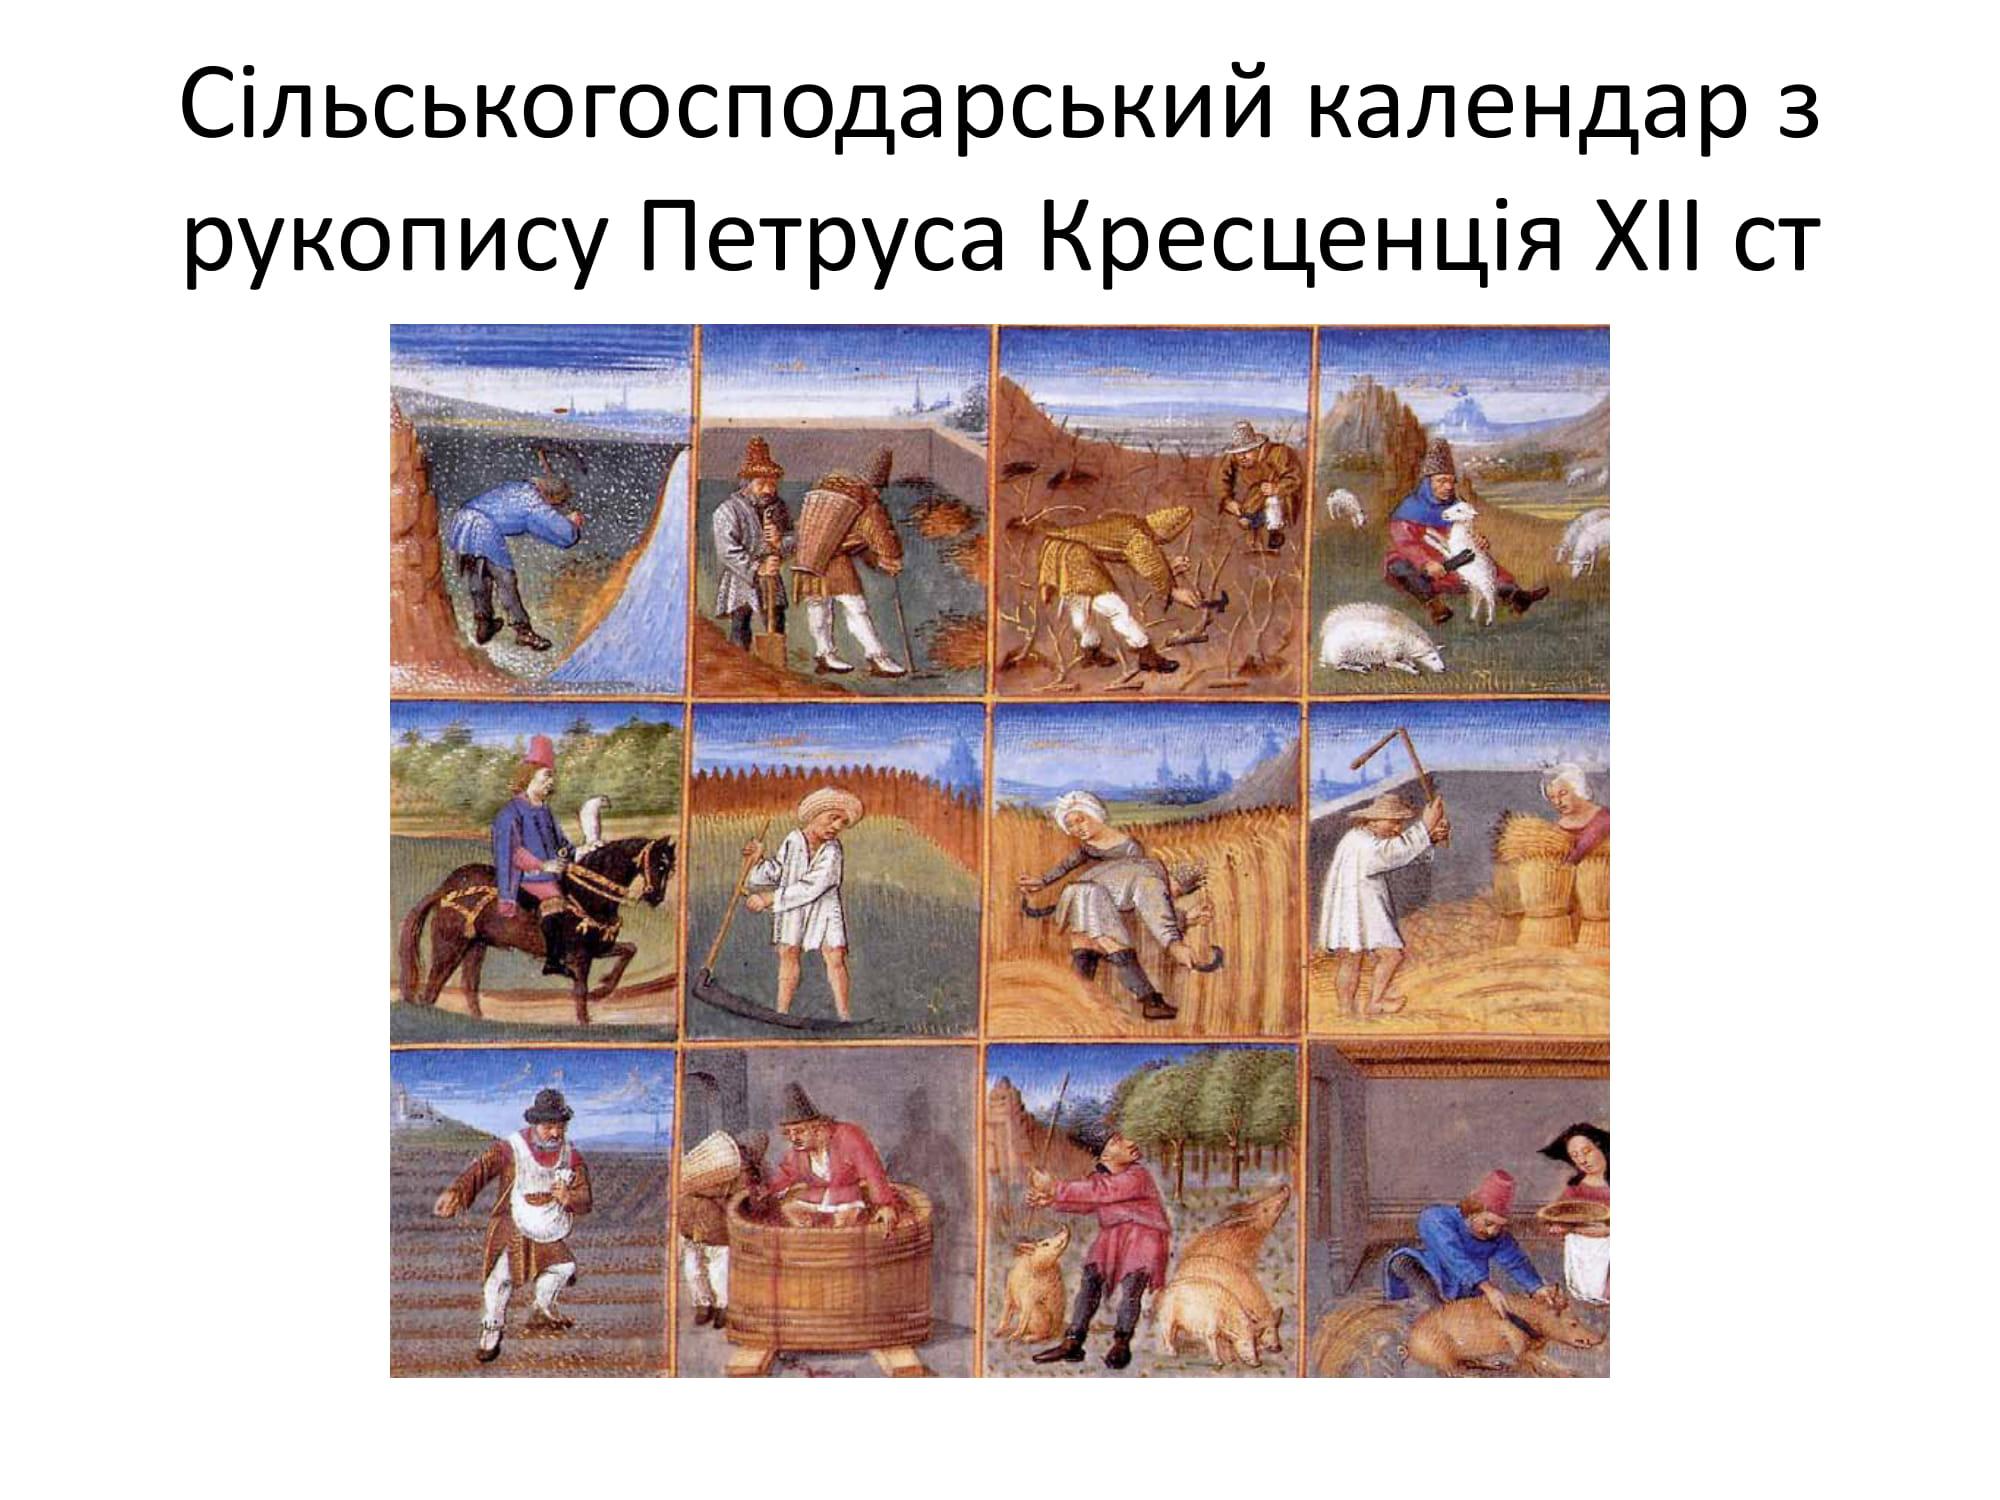 Migratsi Tsinnosti V Agrifud Vorkshop 24 01 18 02